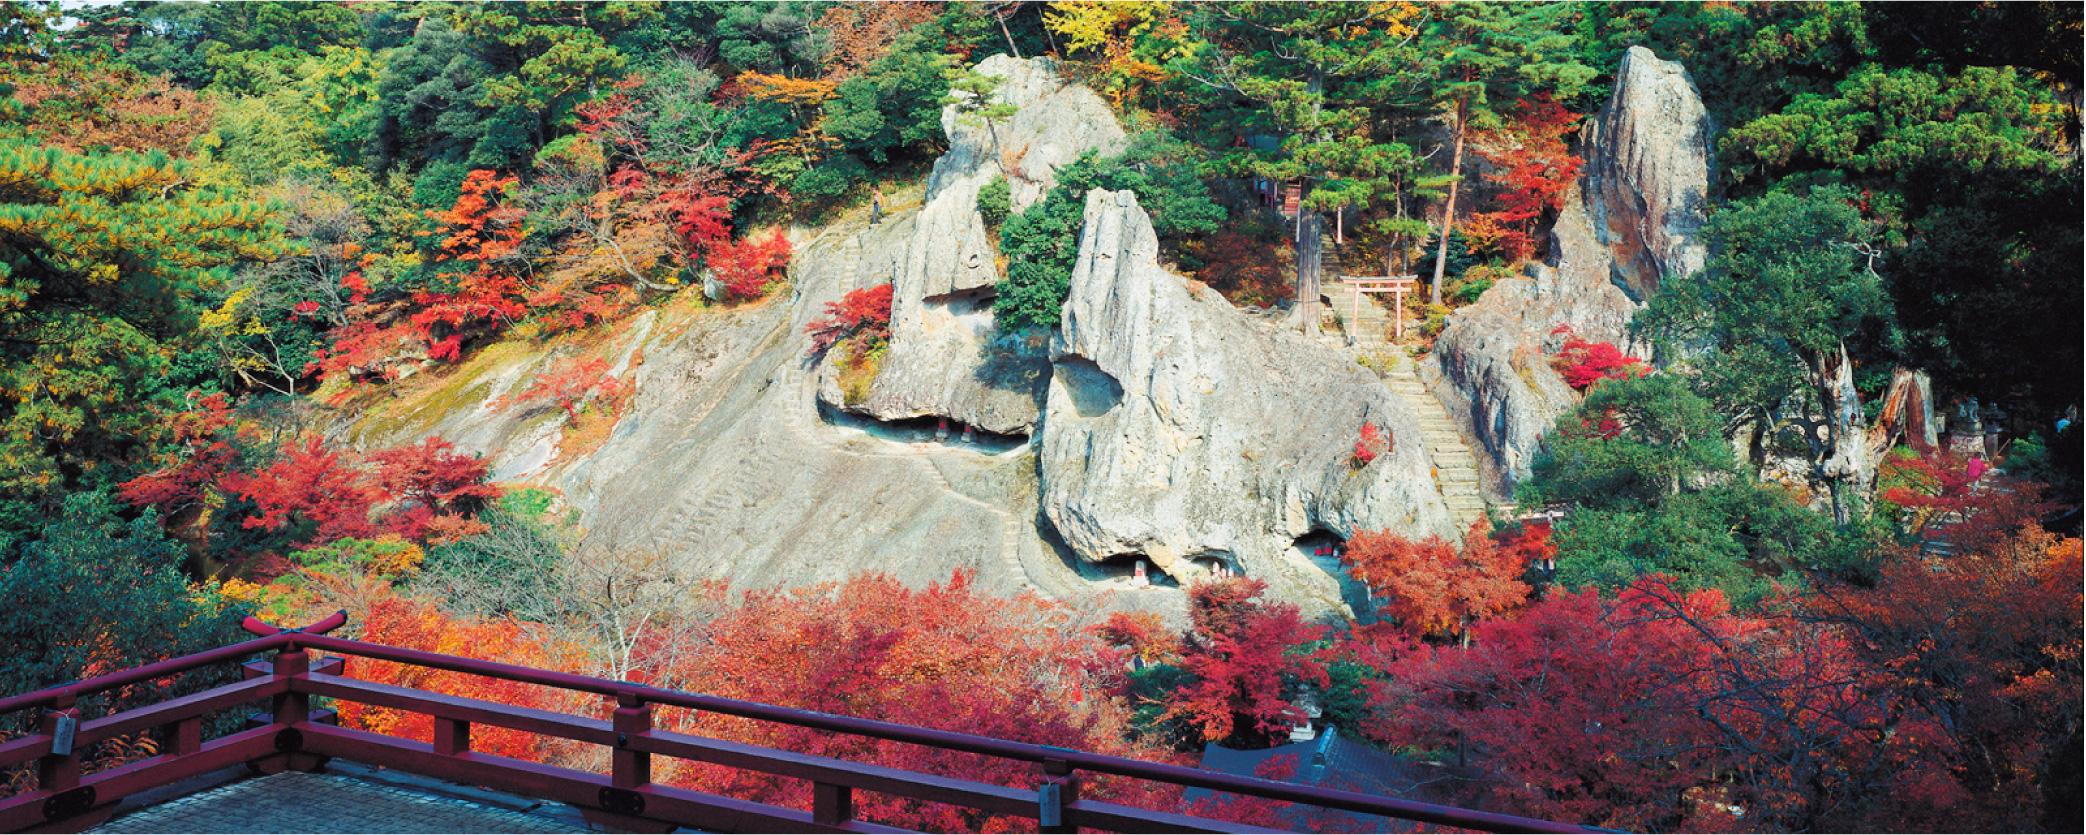 那谷寺の秋